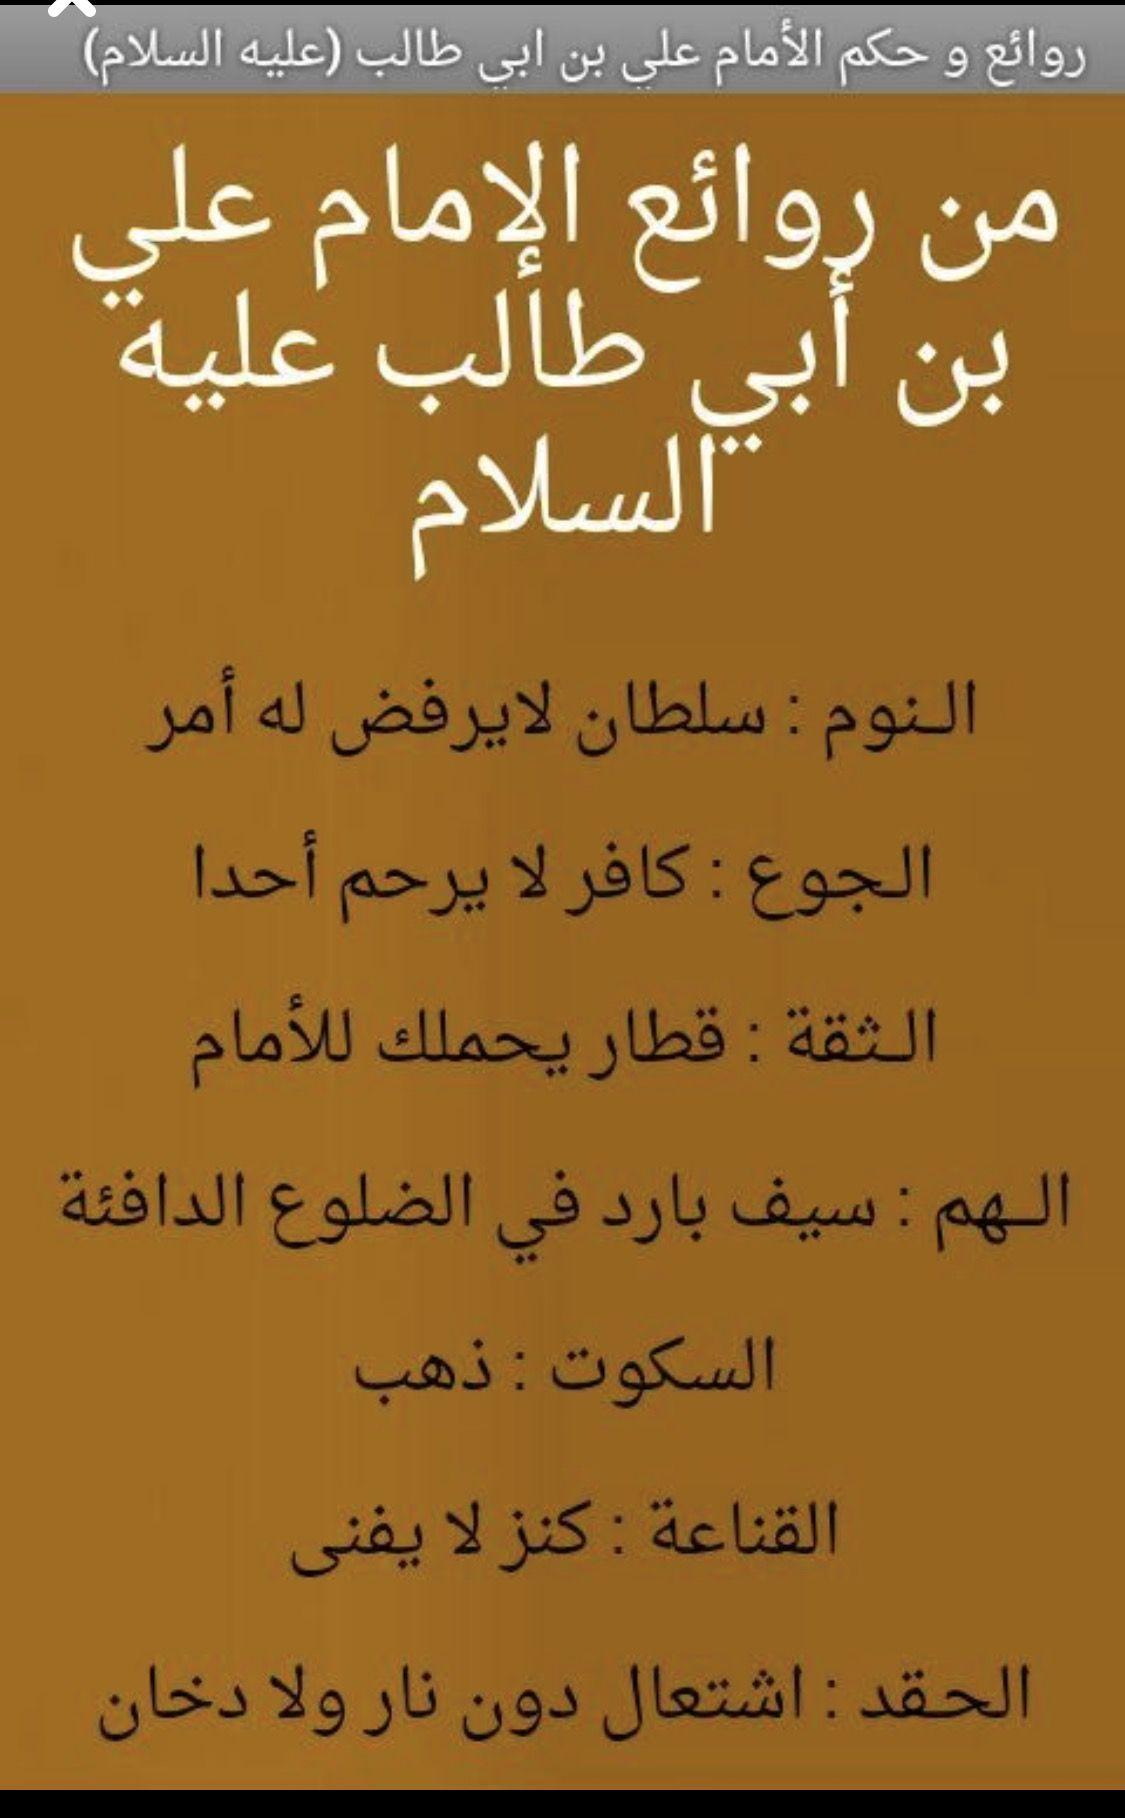 من أقوال الإمام علي بن أبي طالب عليه السلام Islamic Quotes Ali Quotes Proverbs Quotes